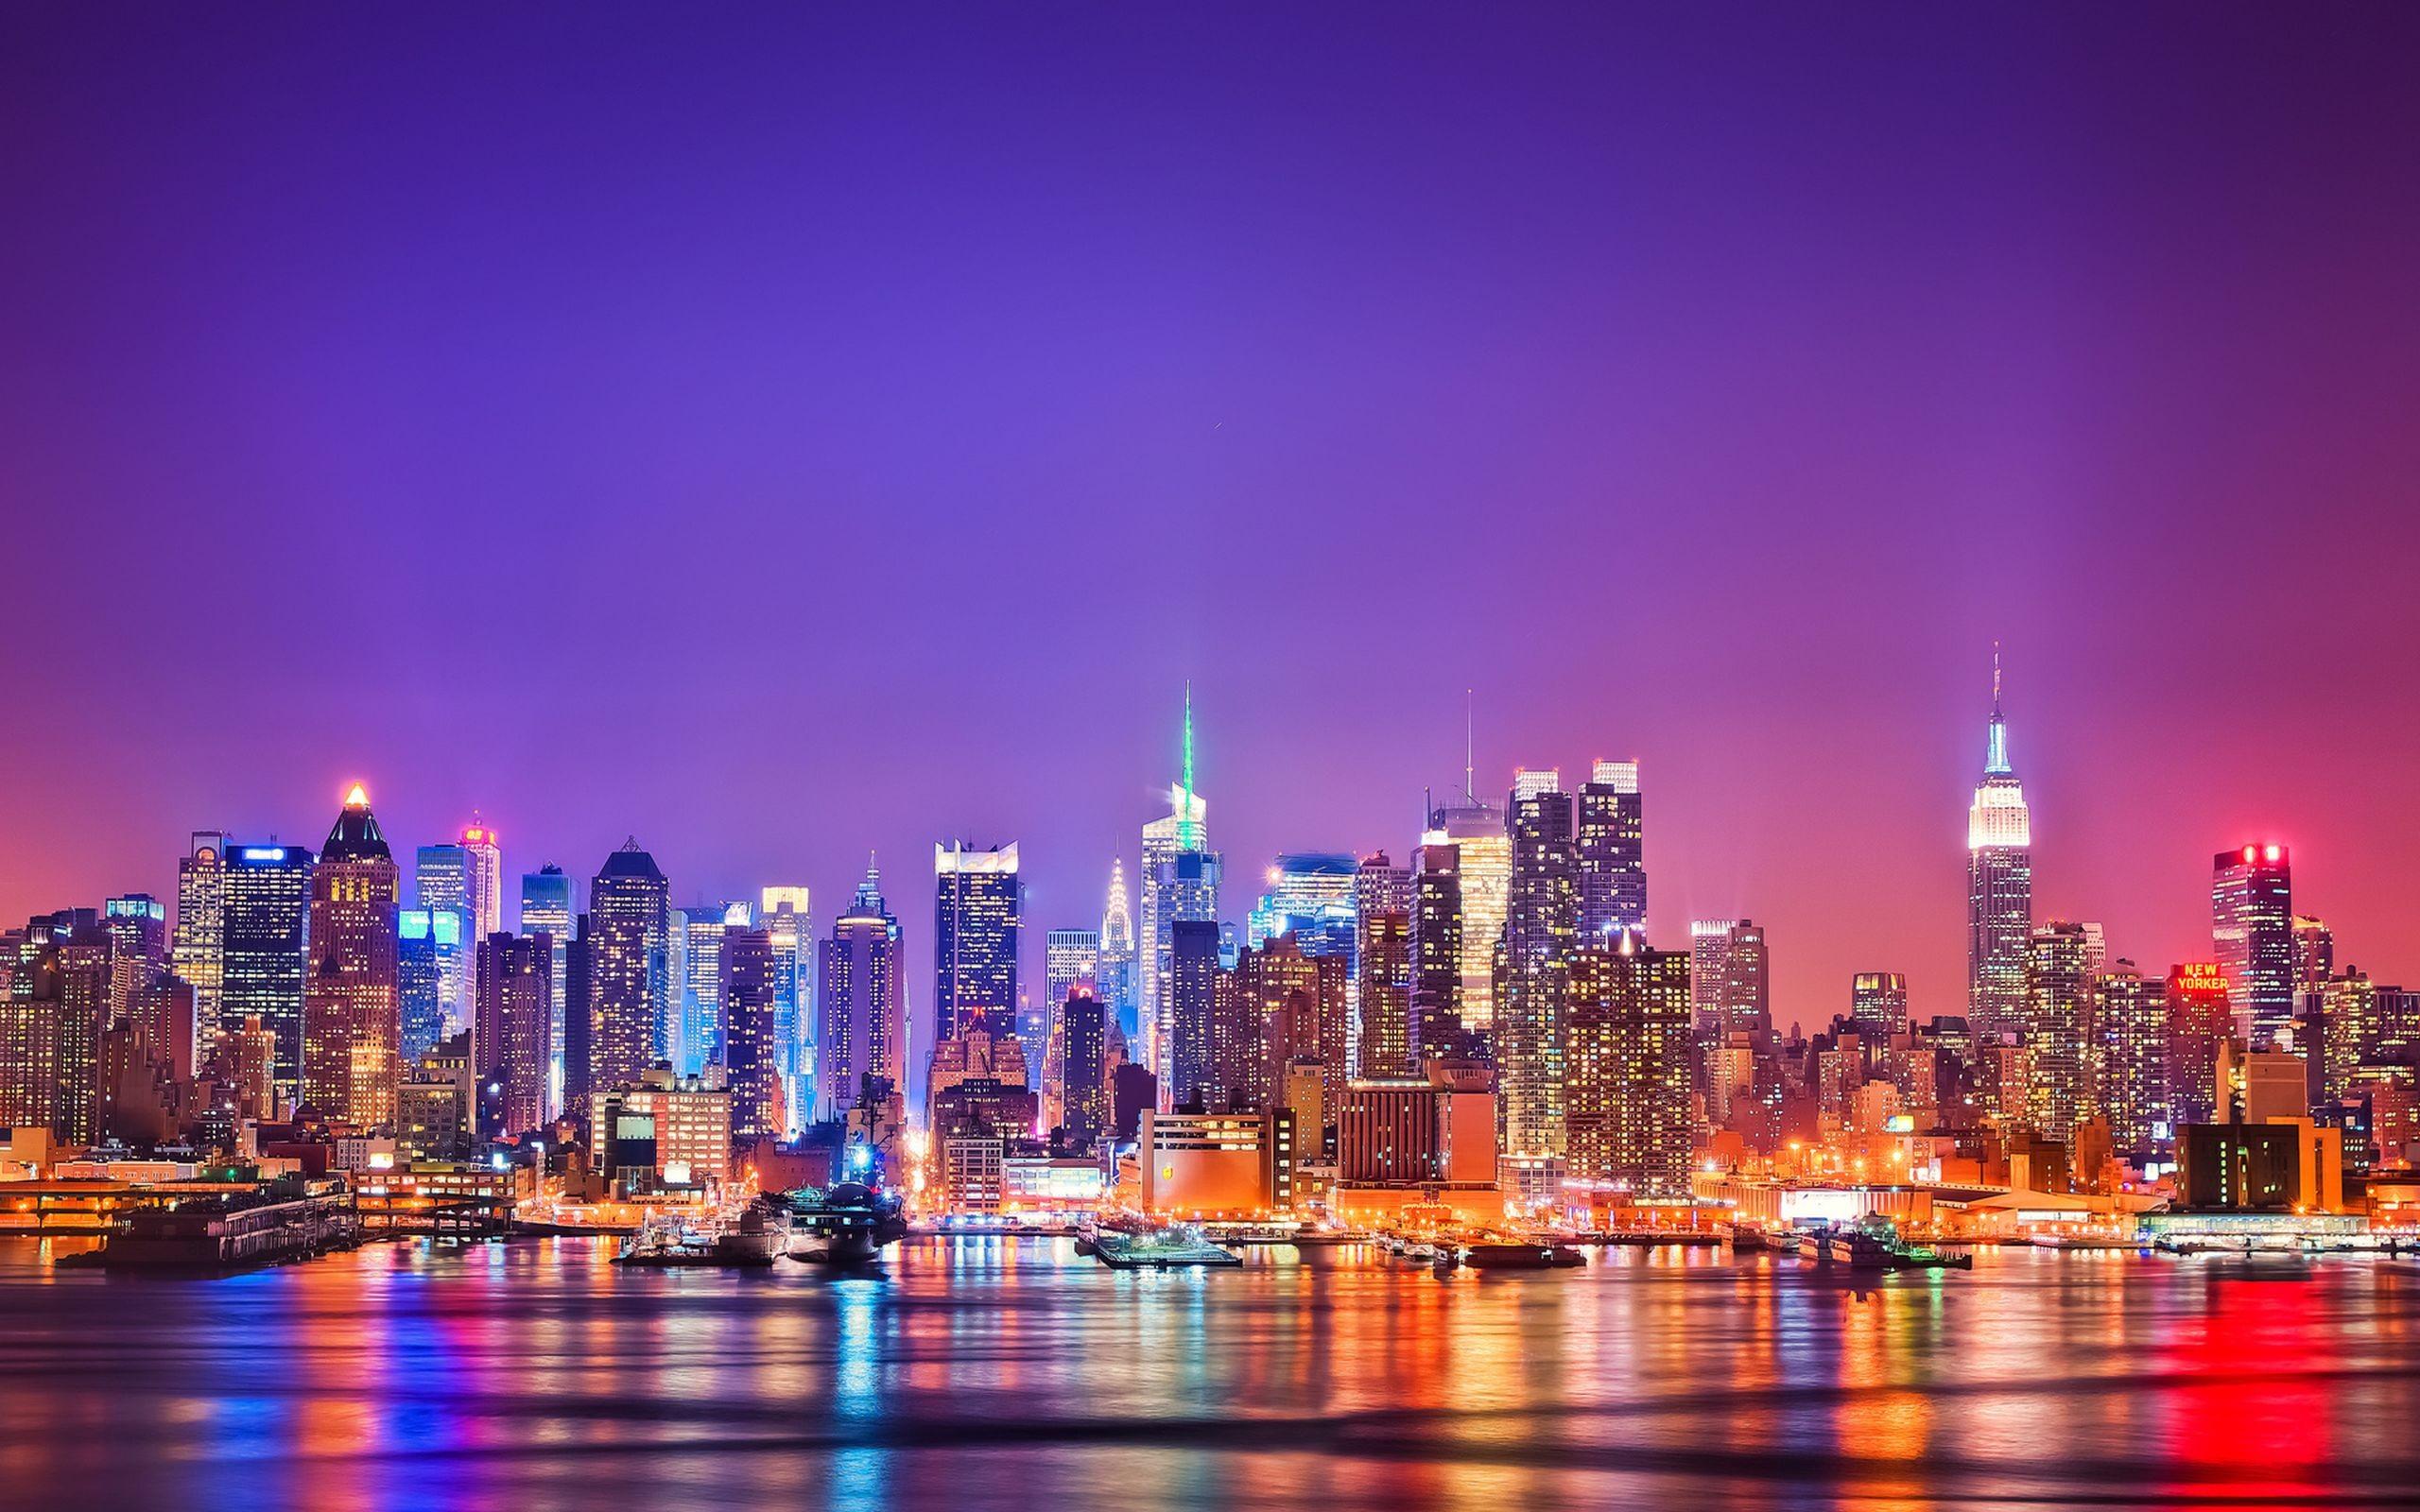 ciudad-de-nueva-york-304